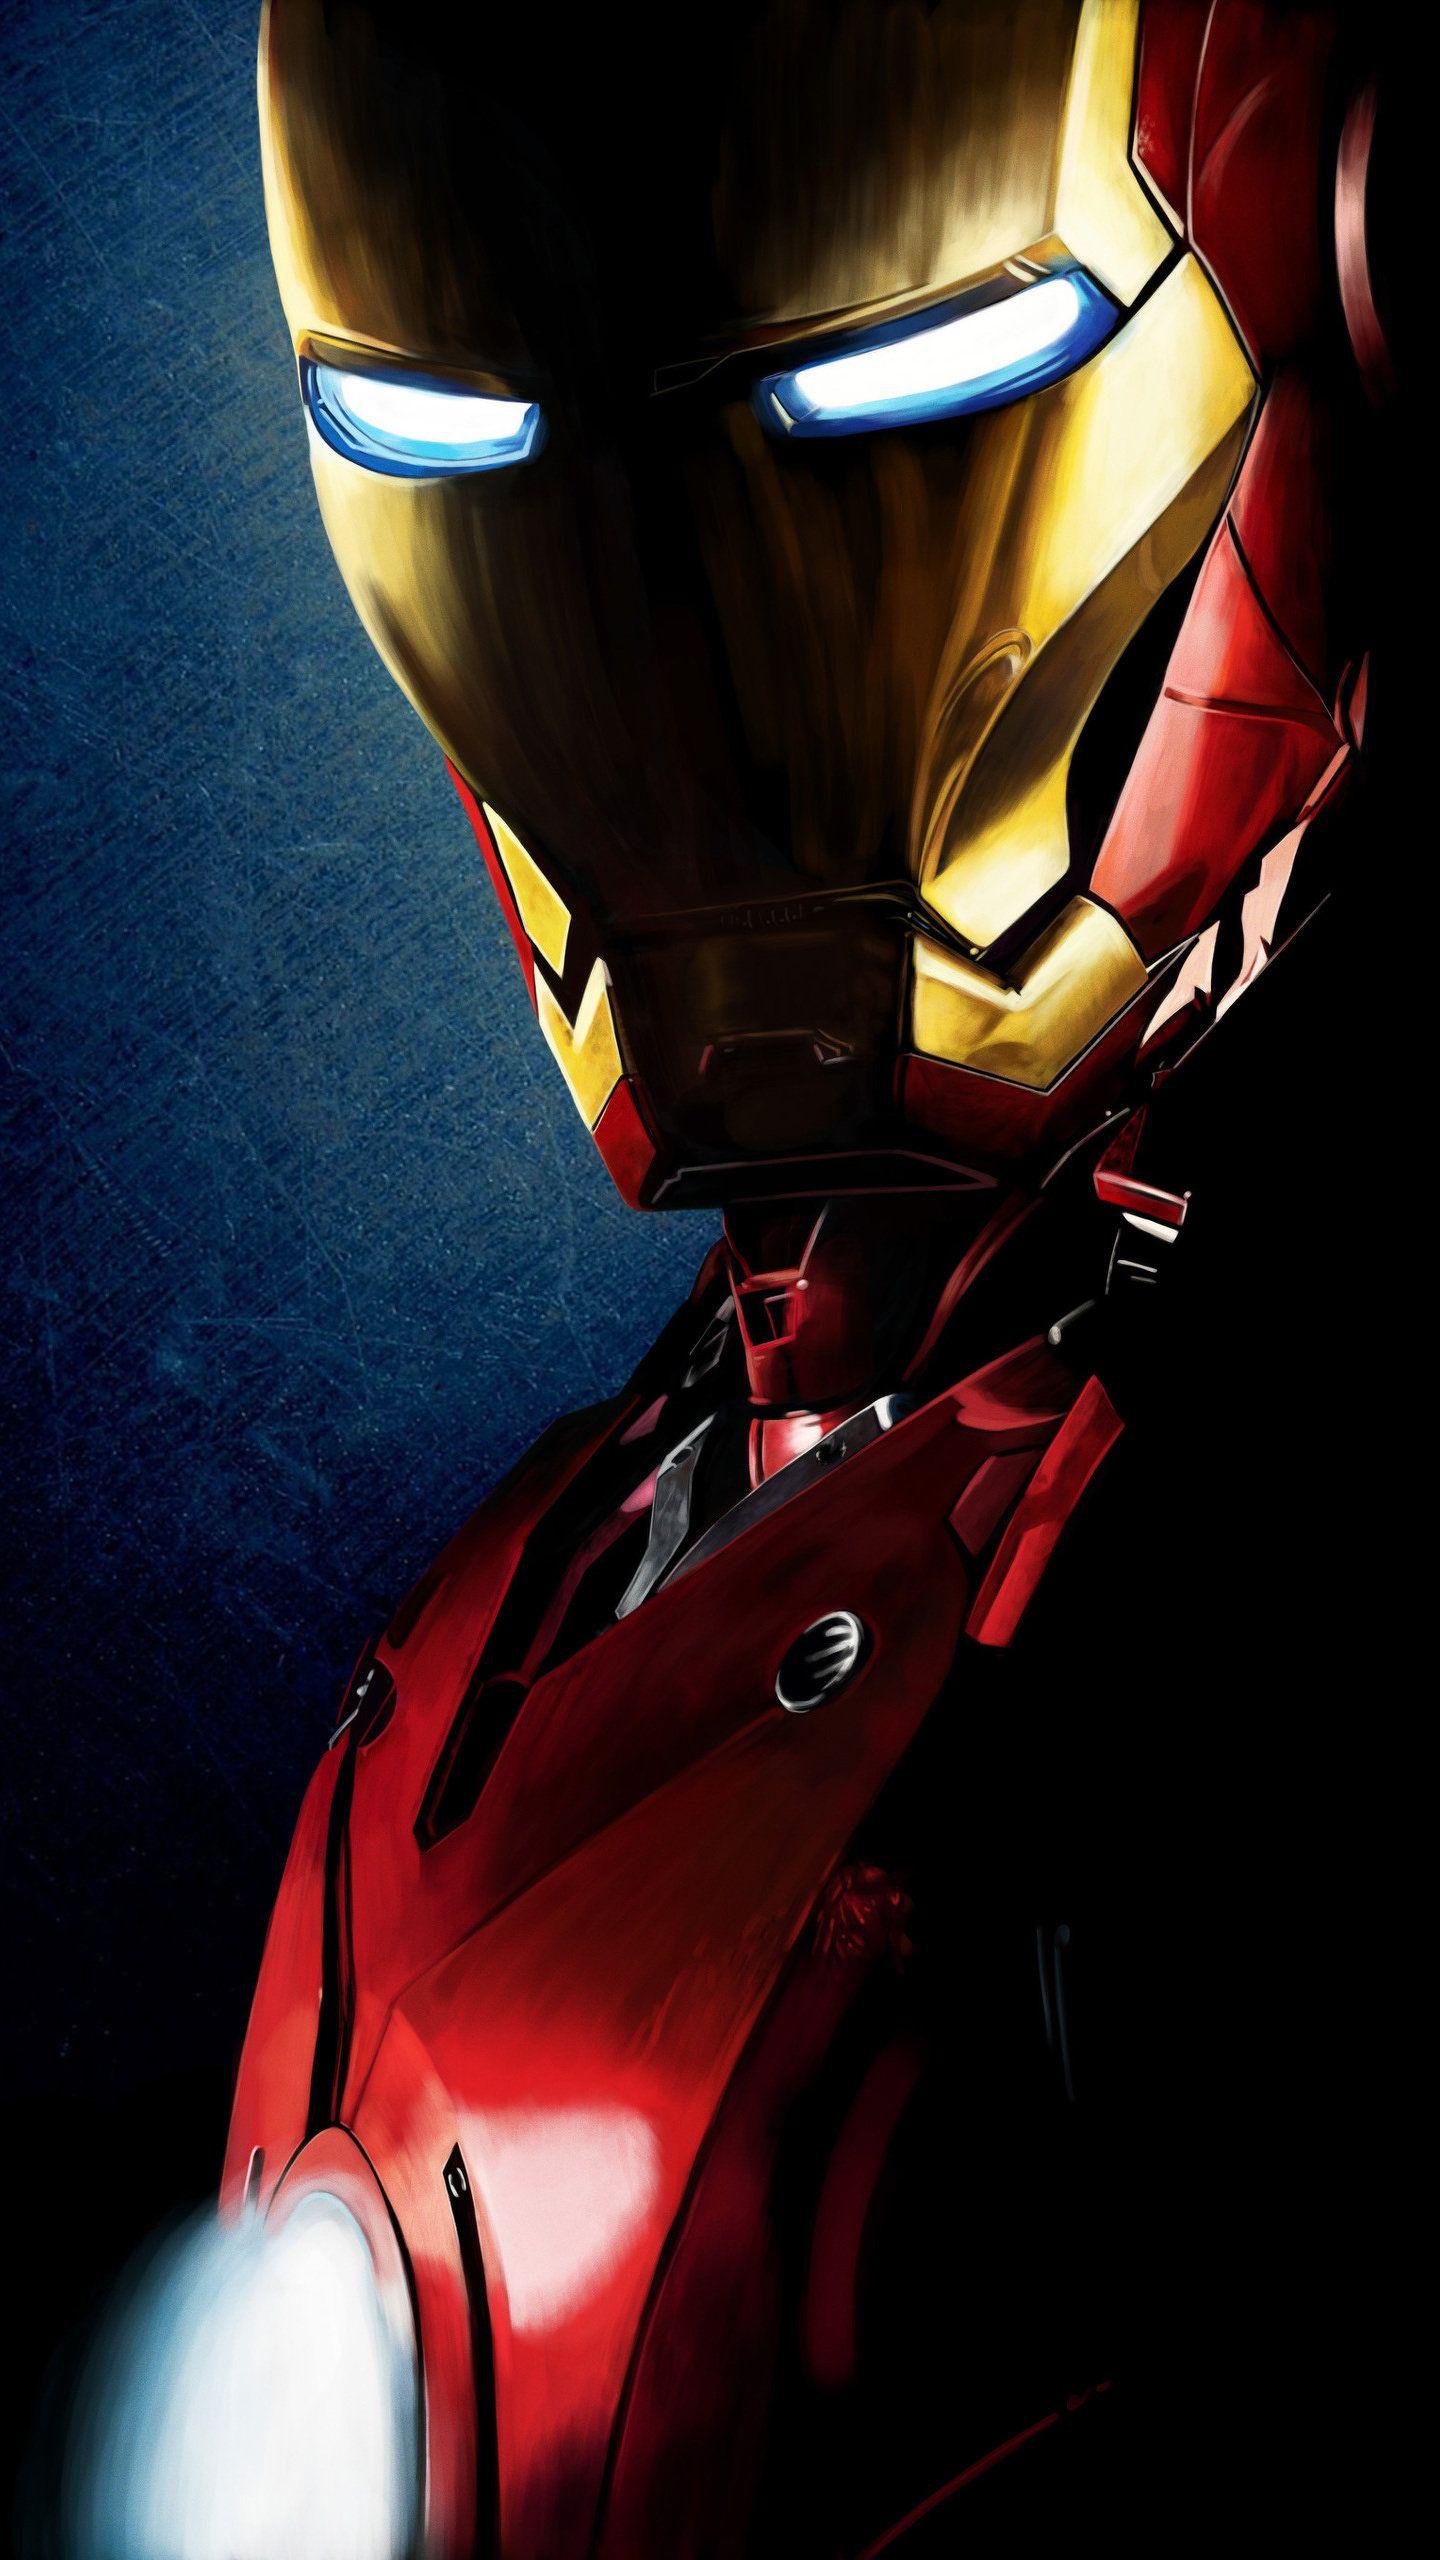 Iron Man 1080p Hd Superheroes Wallpapers Photos And Pictures Iron Man Iron Man Wallpaper Superhero